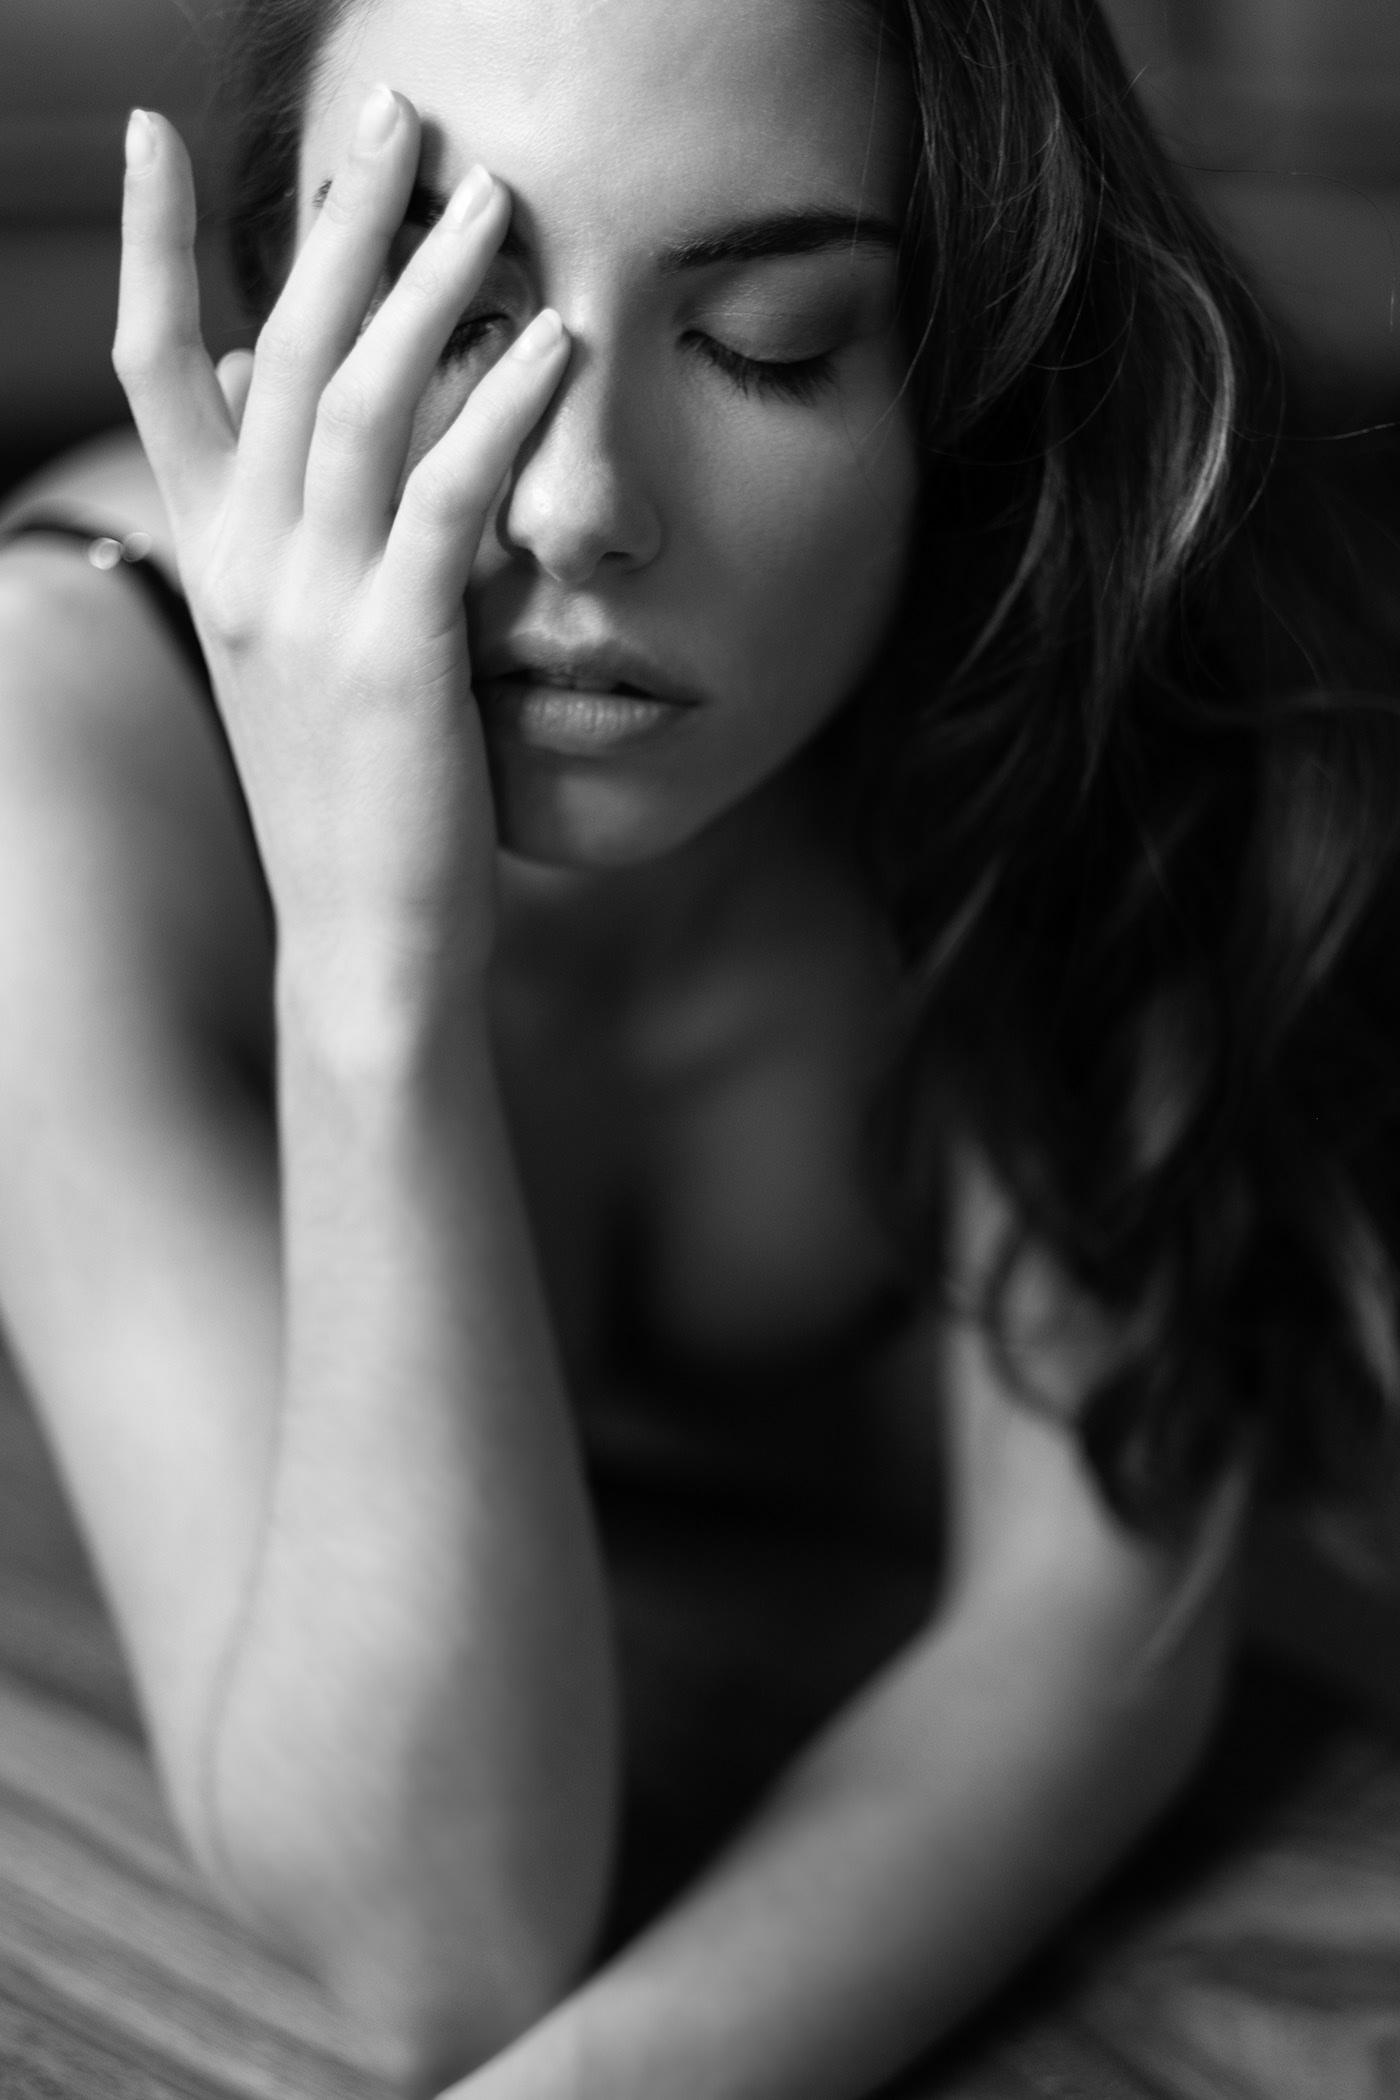 Rebecca B. / фотограф Pascal Thomas